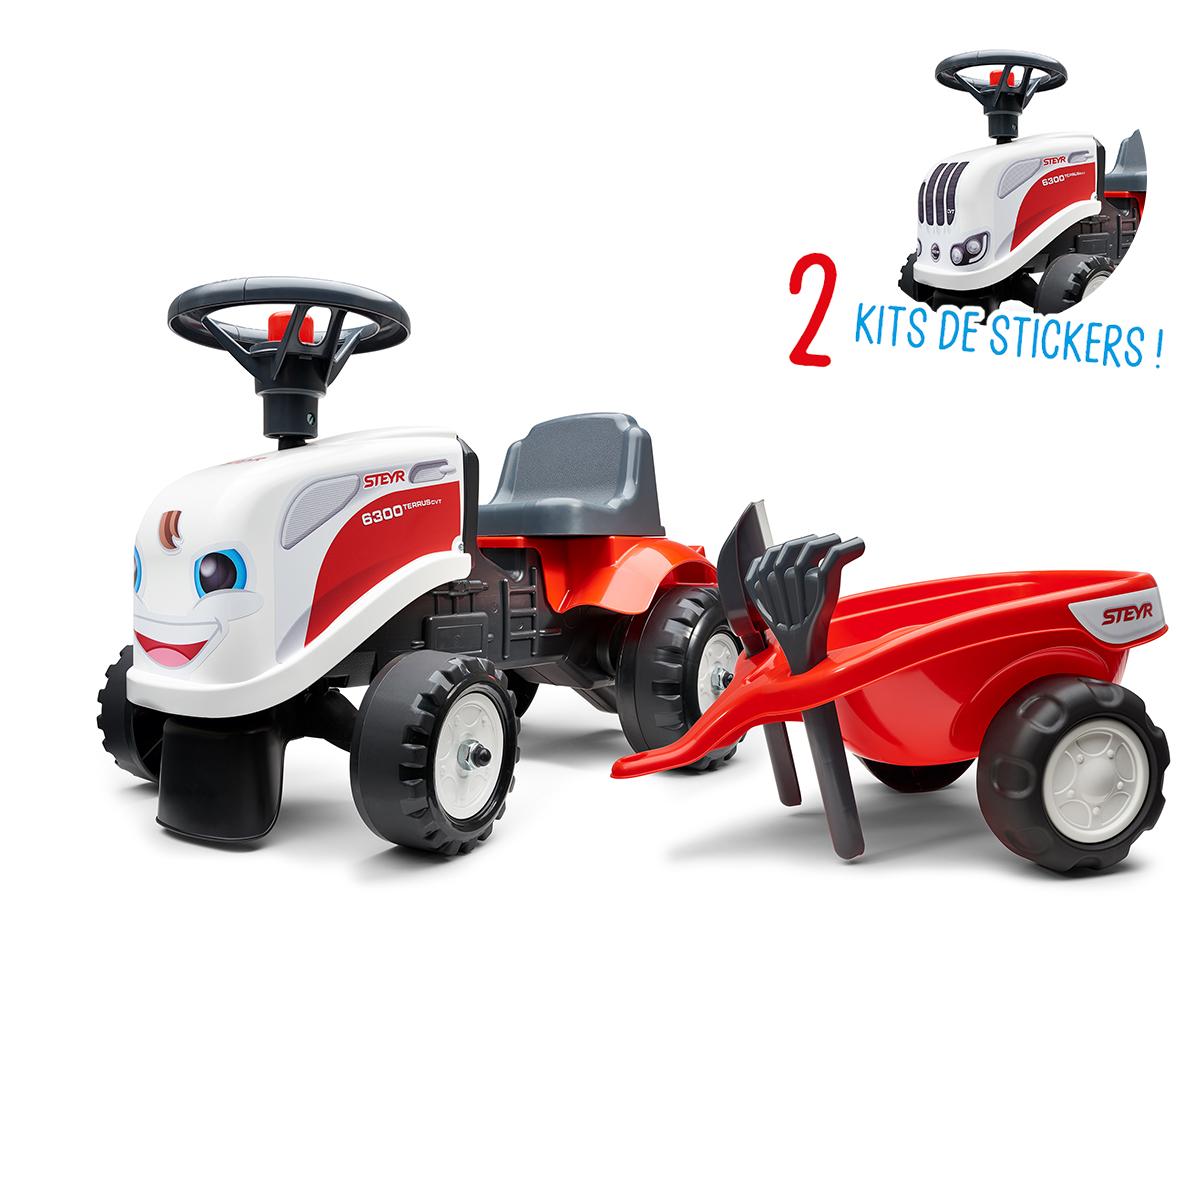 Porteur Falk tracteur Steyr avec remorque - pelle et rateau - Blanc